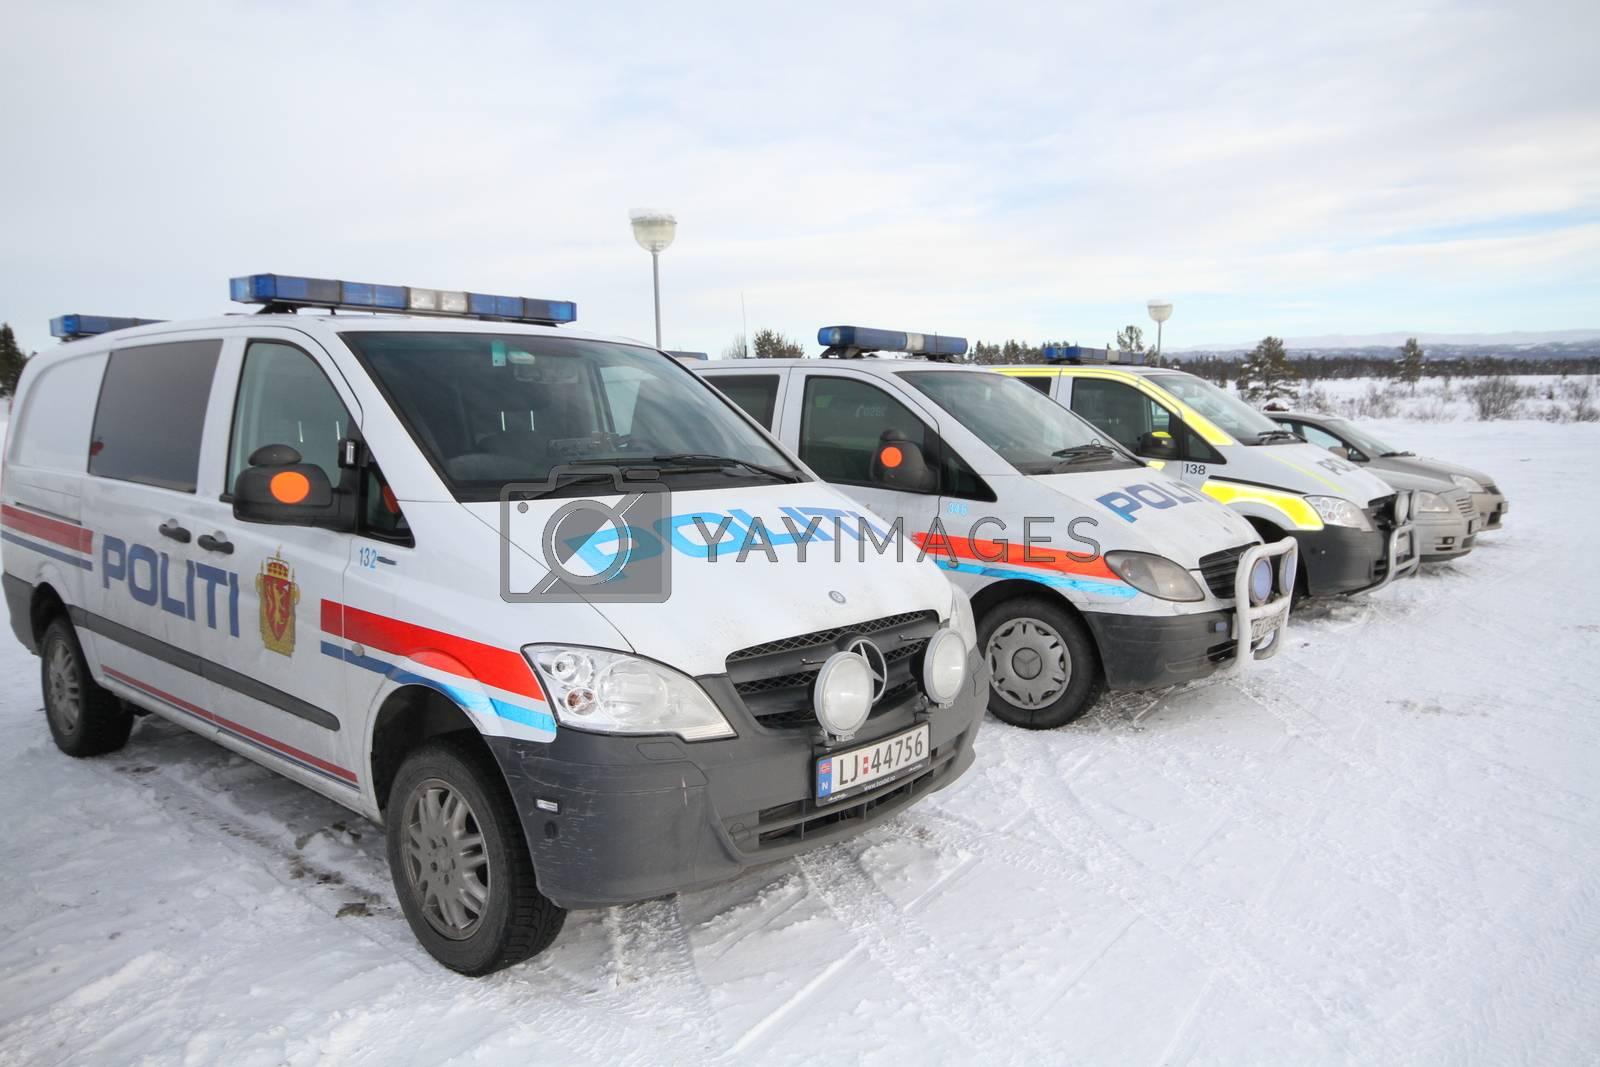 Politi by camilla.svendsen@nettavisen.no